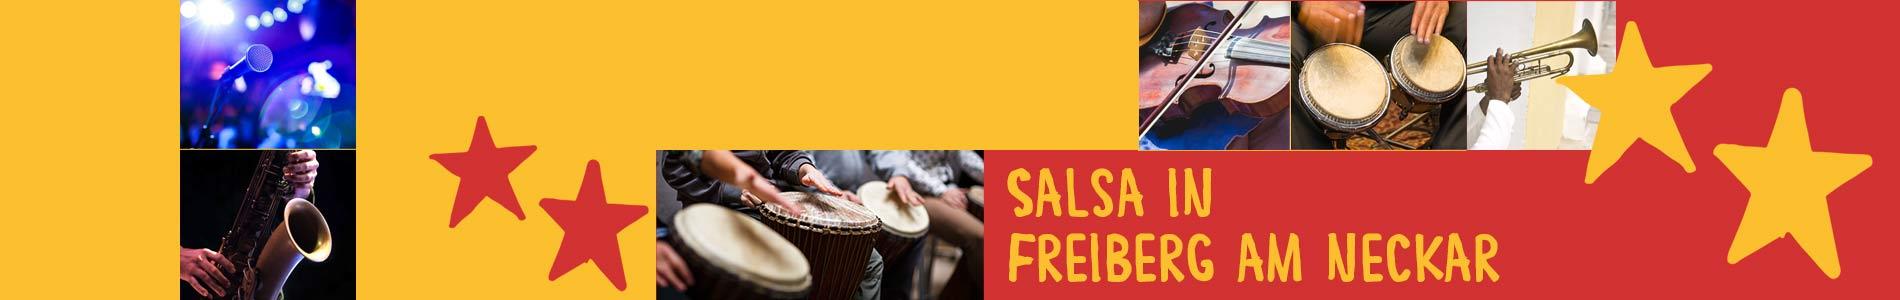 Salsa in Freiberg am Neckar – Salsa lernen und tanzen, Tanzkurse, Partys, Veranstaltungen